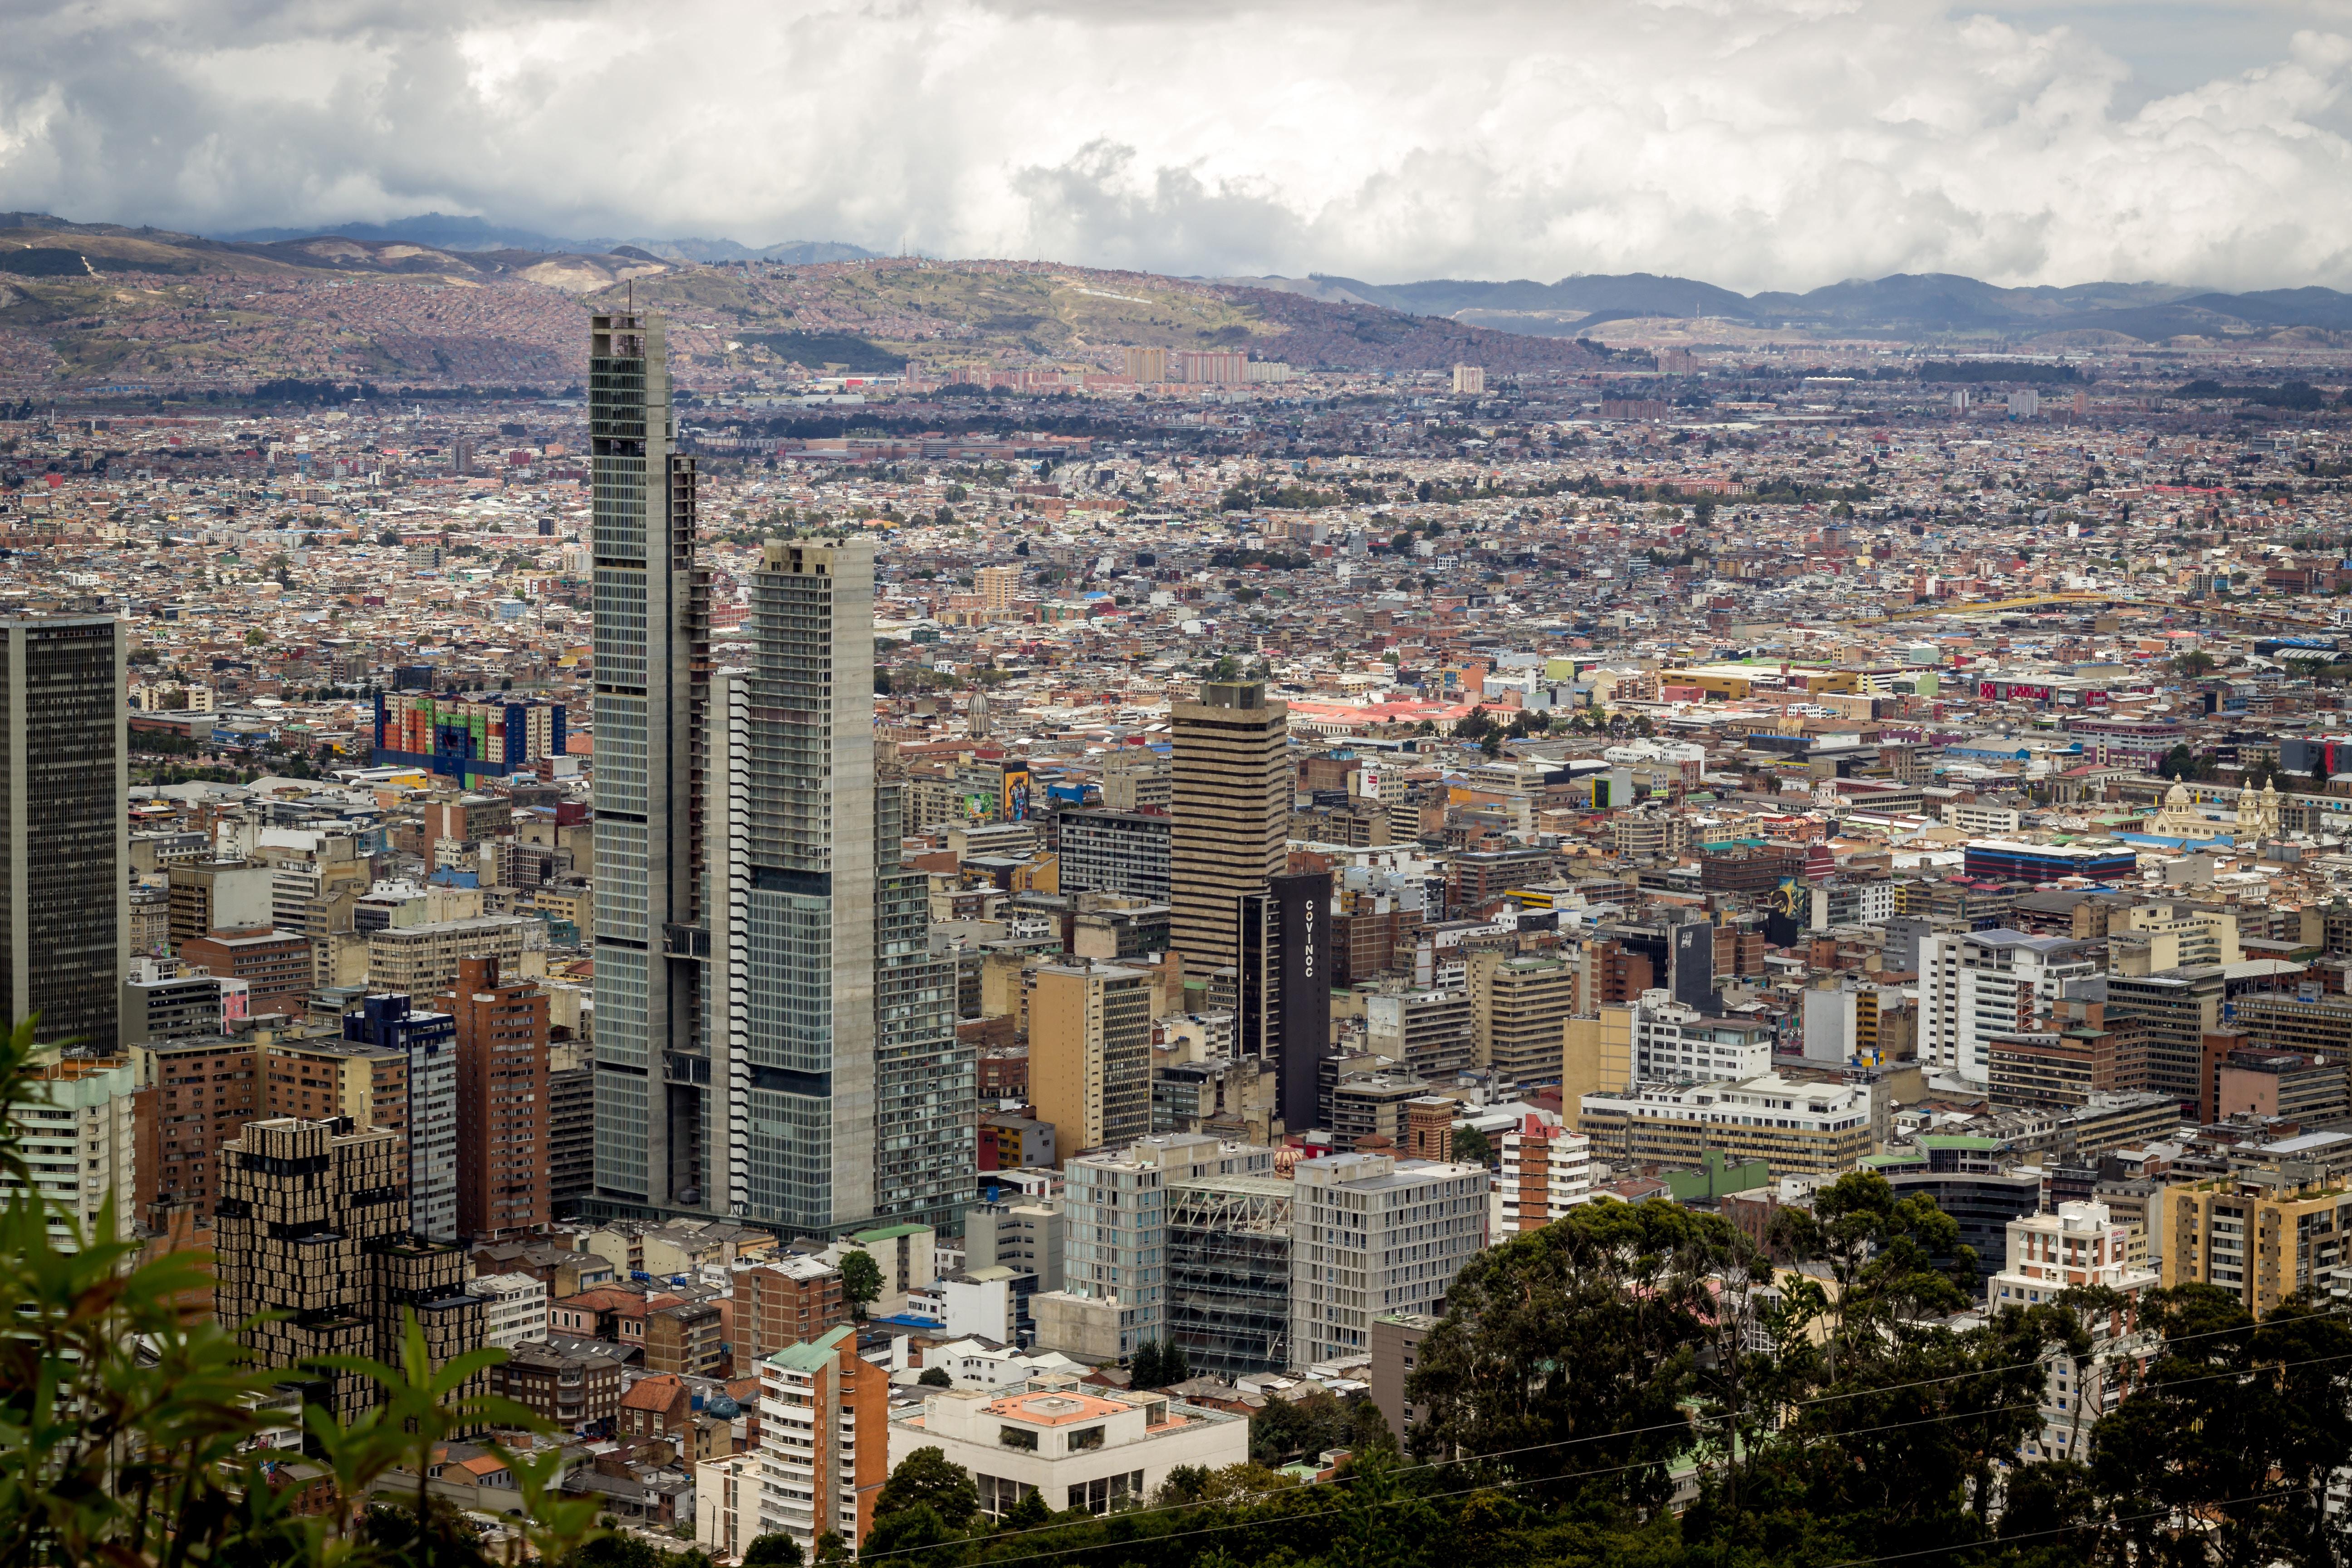 Mercado inmobiliario fomentaría segregación social en Bogotá